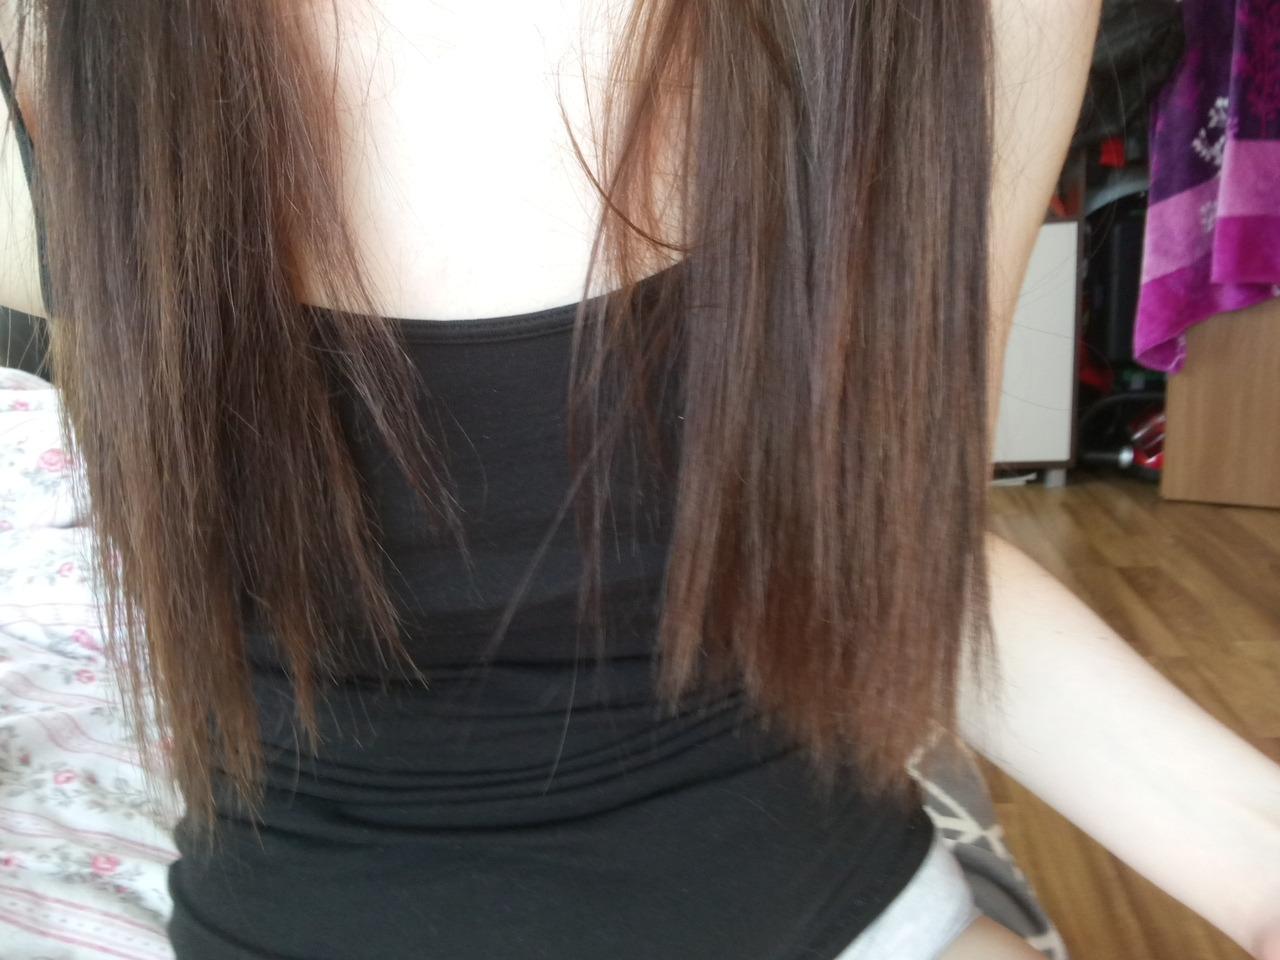 Braune Haare Tumblr Bob Frisuren Mittellang Ombre Beabsichtigt Für